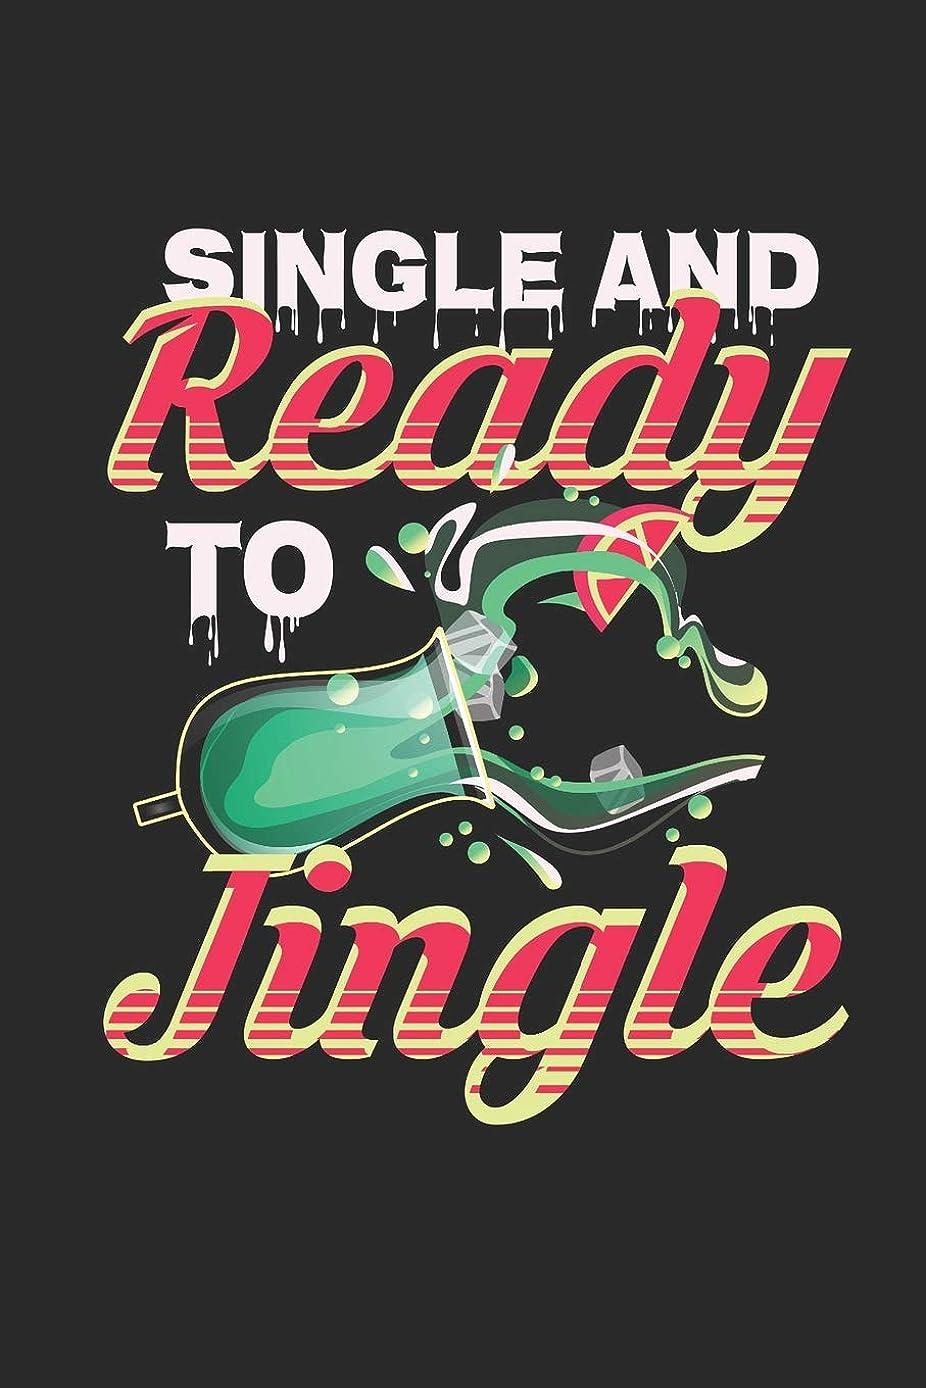 ライブ勉強するダイエットJournal: Single And Ready To Jingle